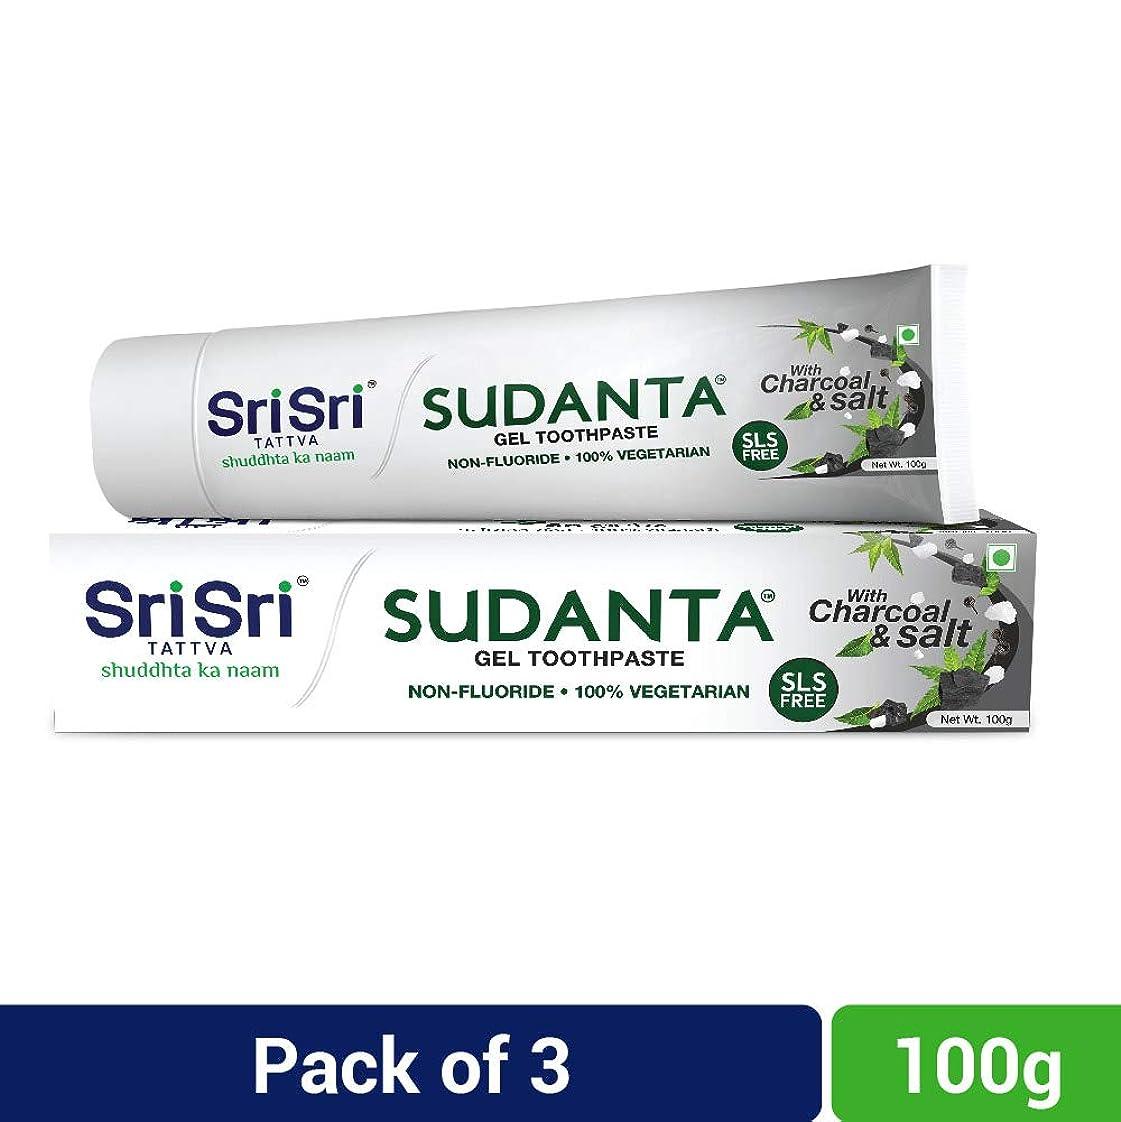 ギャンブル優遇まだらSri Sri Tattva Sudanta Gel Toothpaste, 300gm (100gm x Pack of 3)